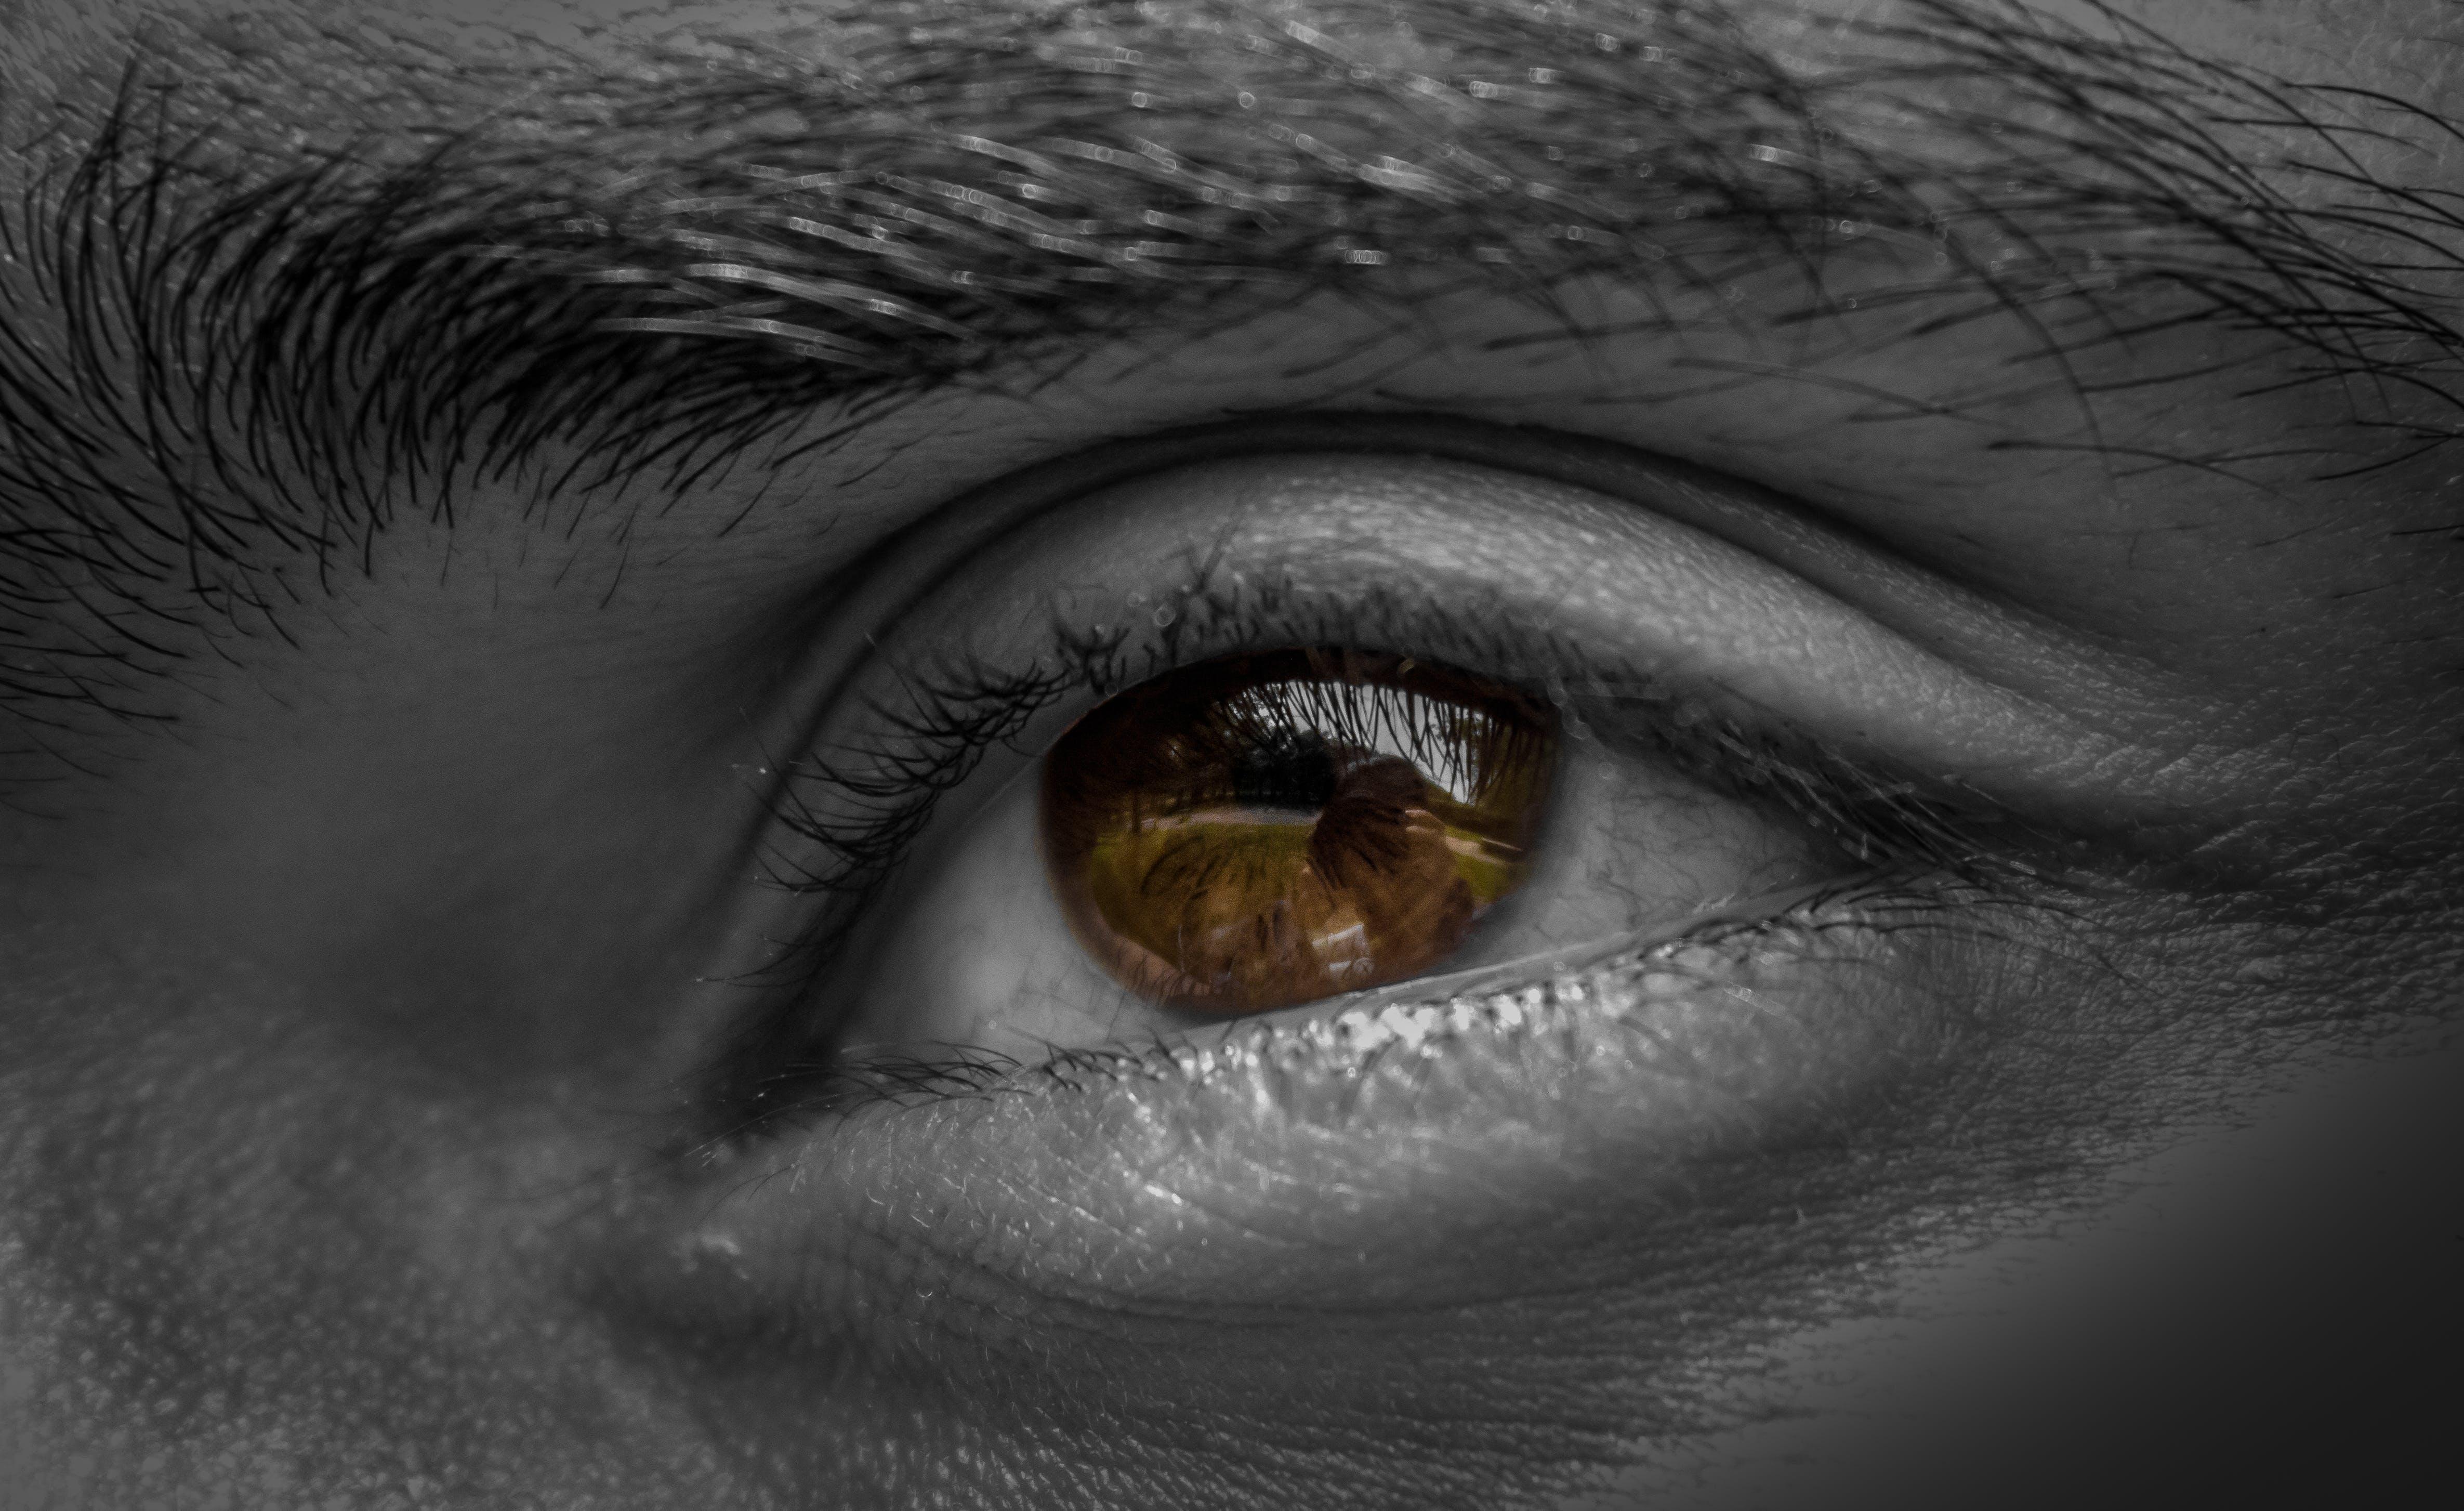 Fotos de stock gratuitas de ceja, Color selectivo, ojo, ojos